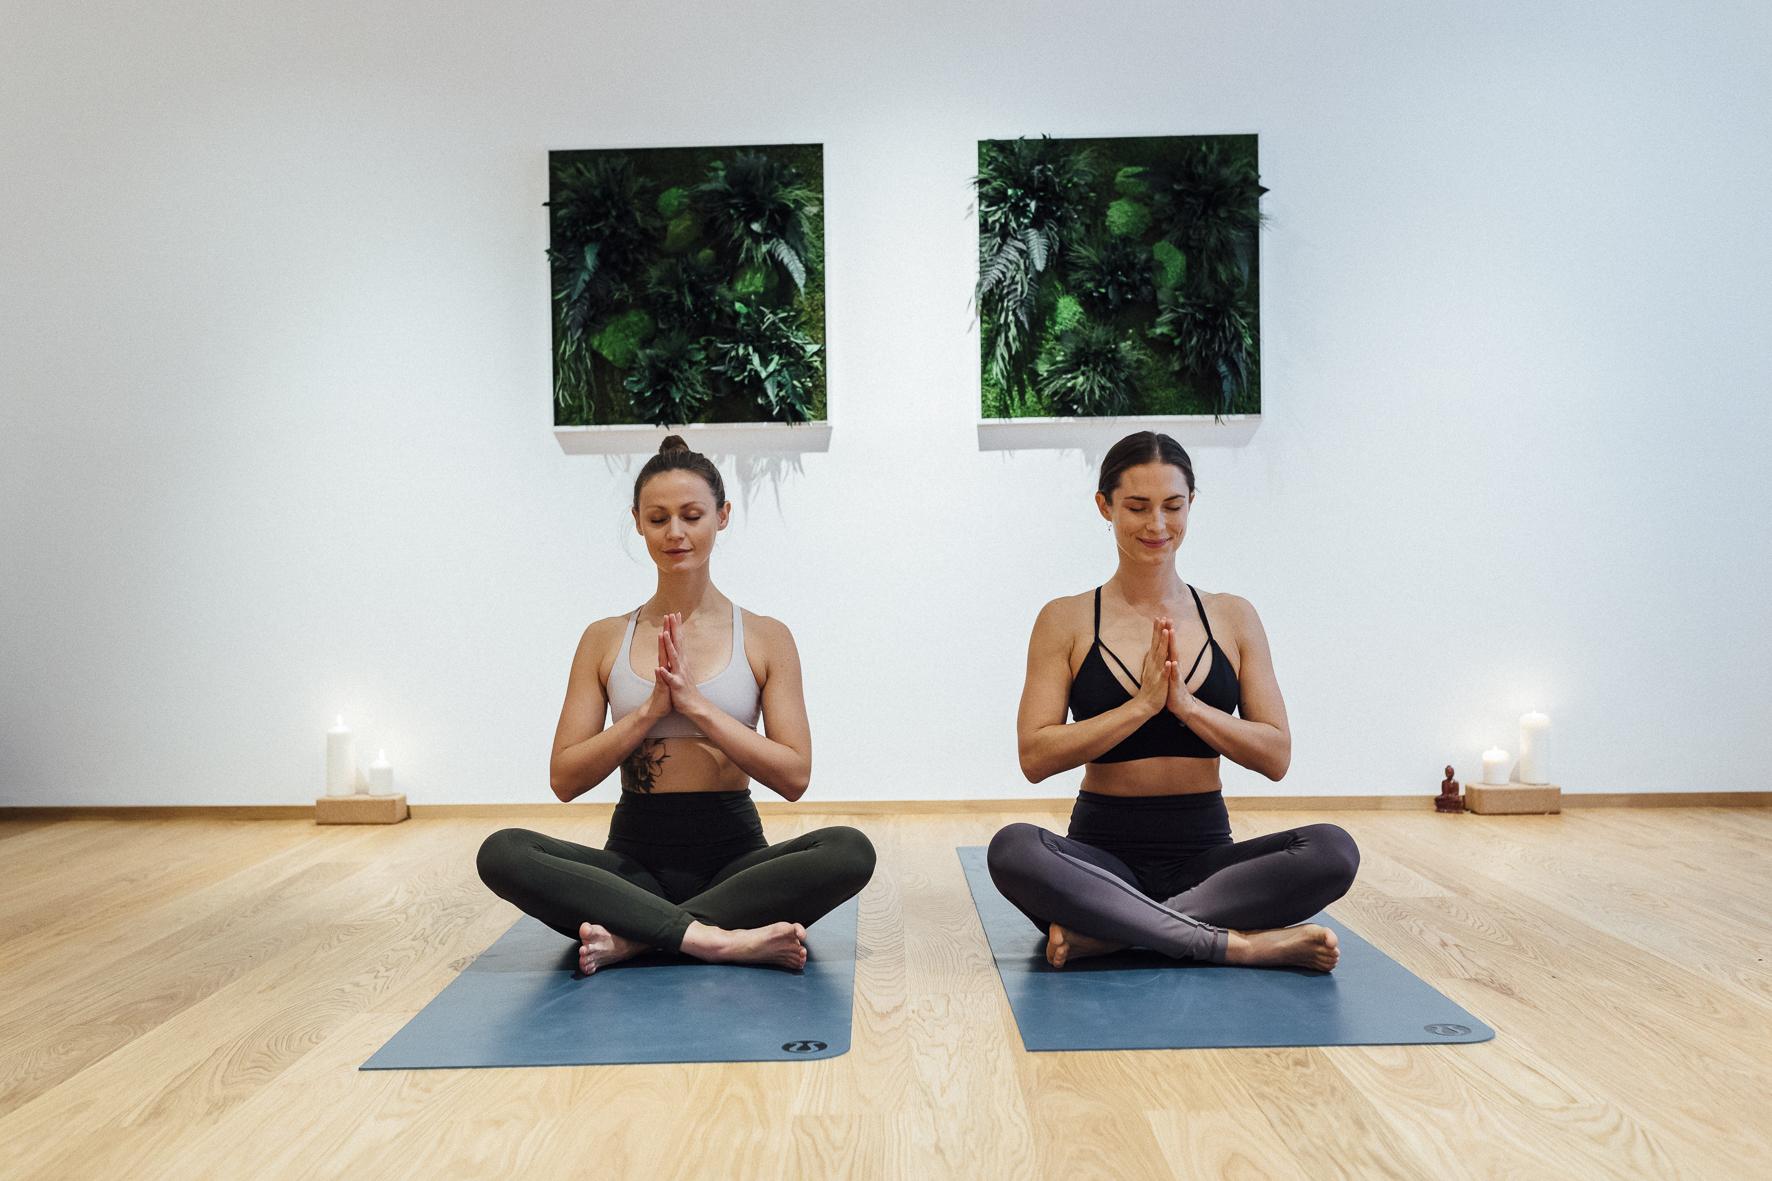 Ausgebucht - Beginner Yoga Kurs 29.10.2019